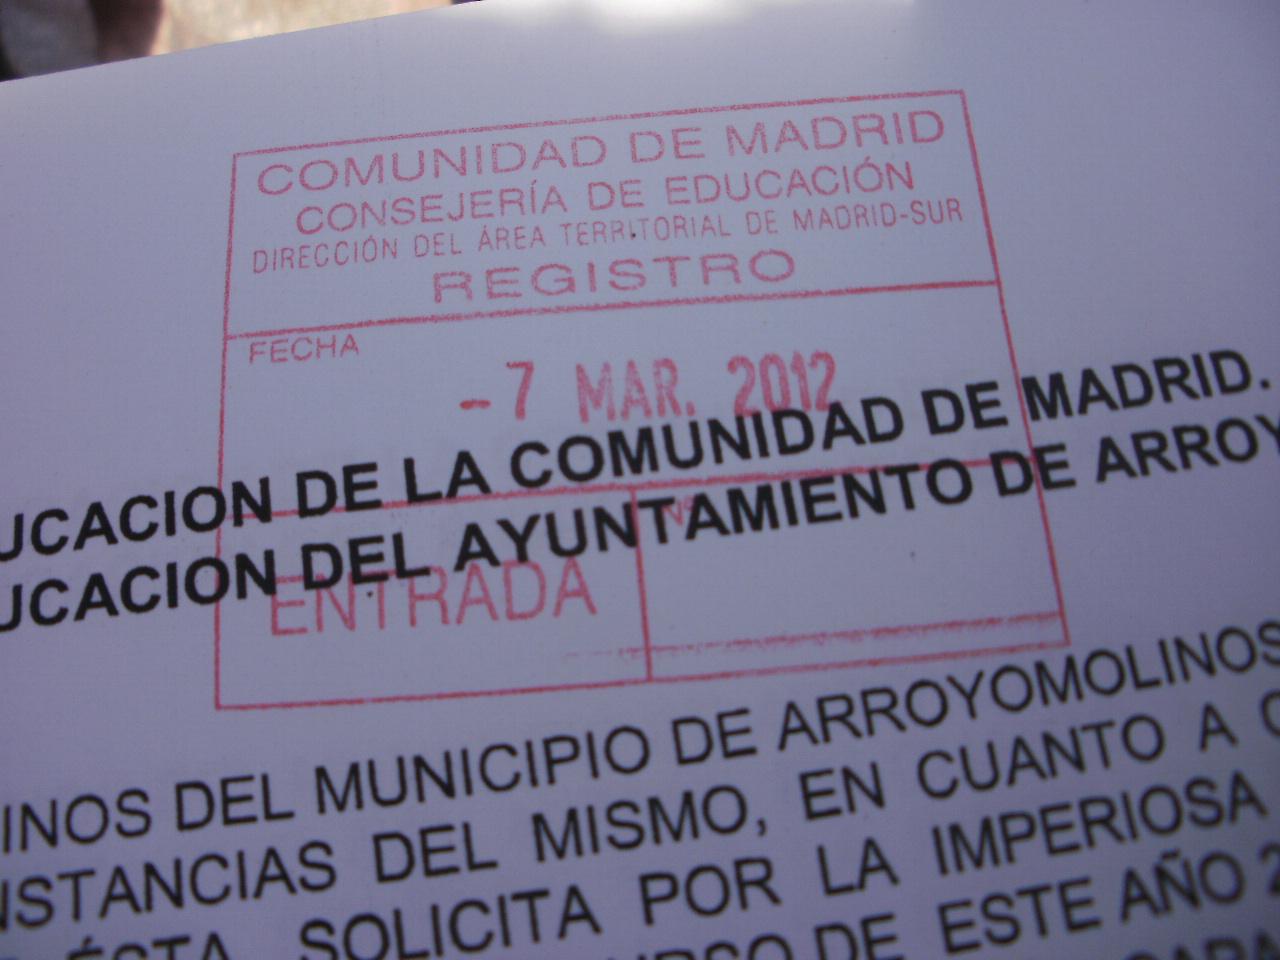 Estas viendo imágenes de: Firmas educación pública